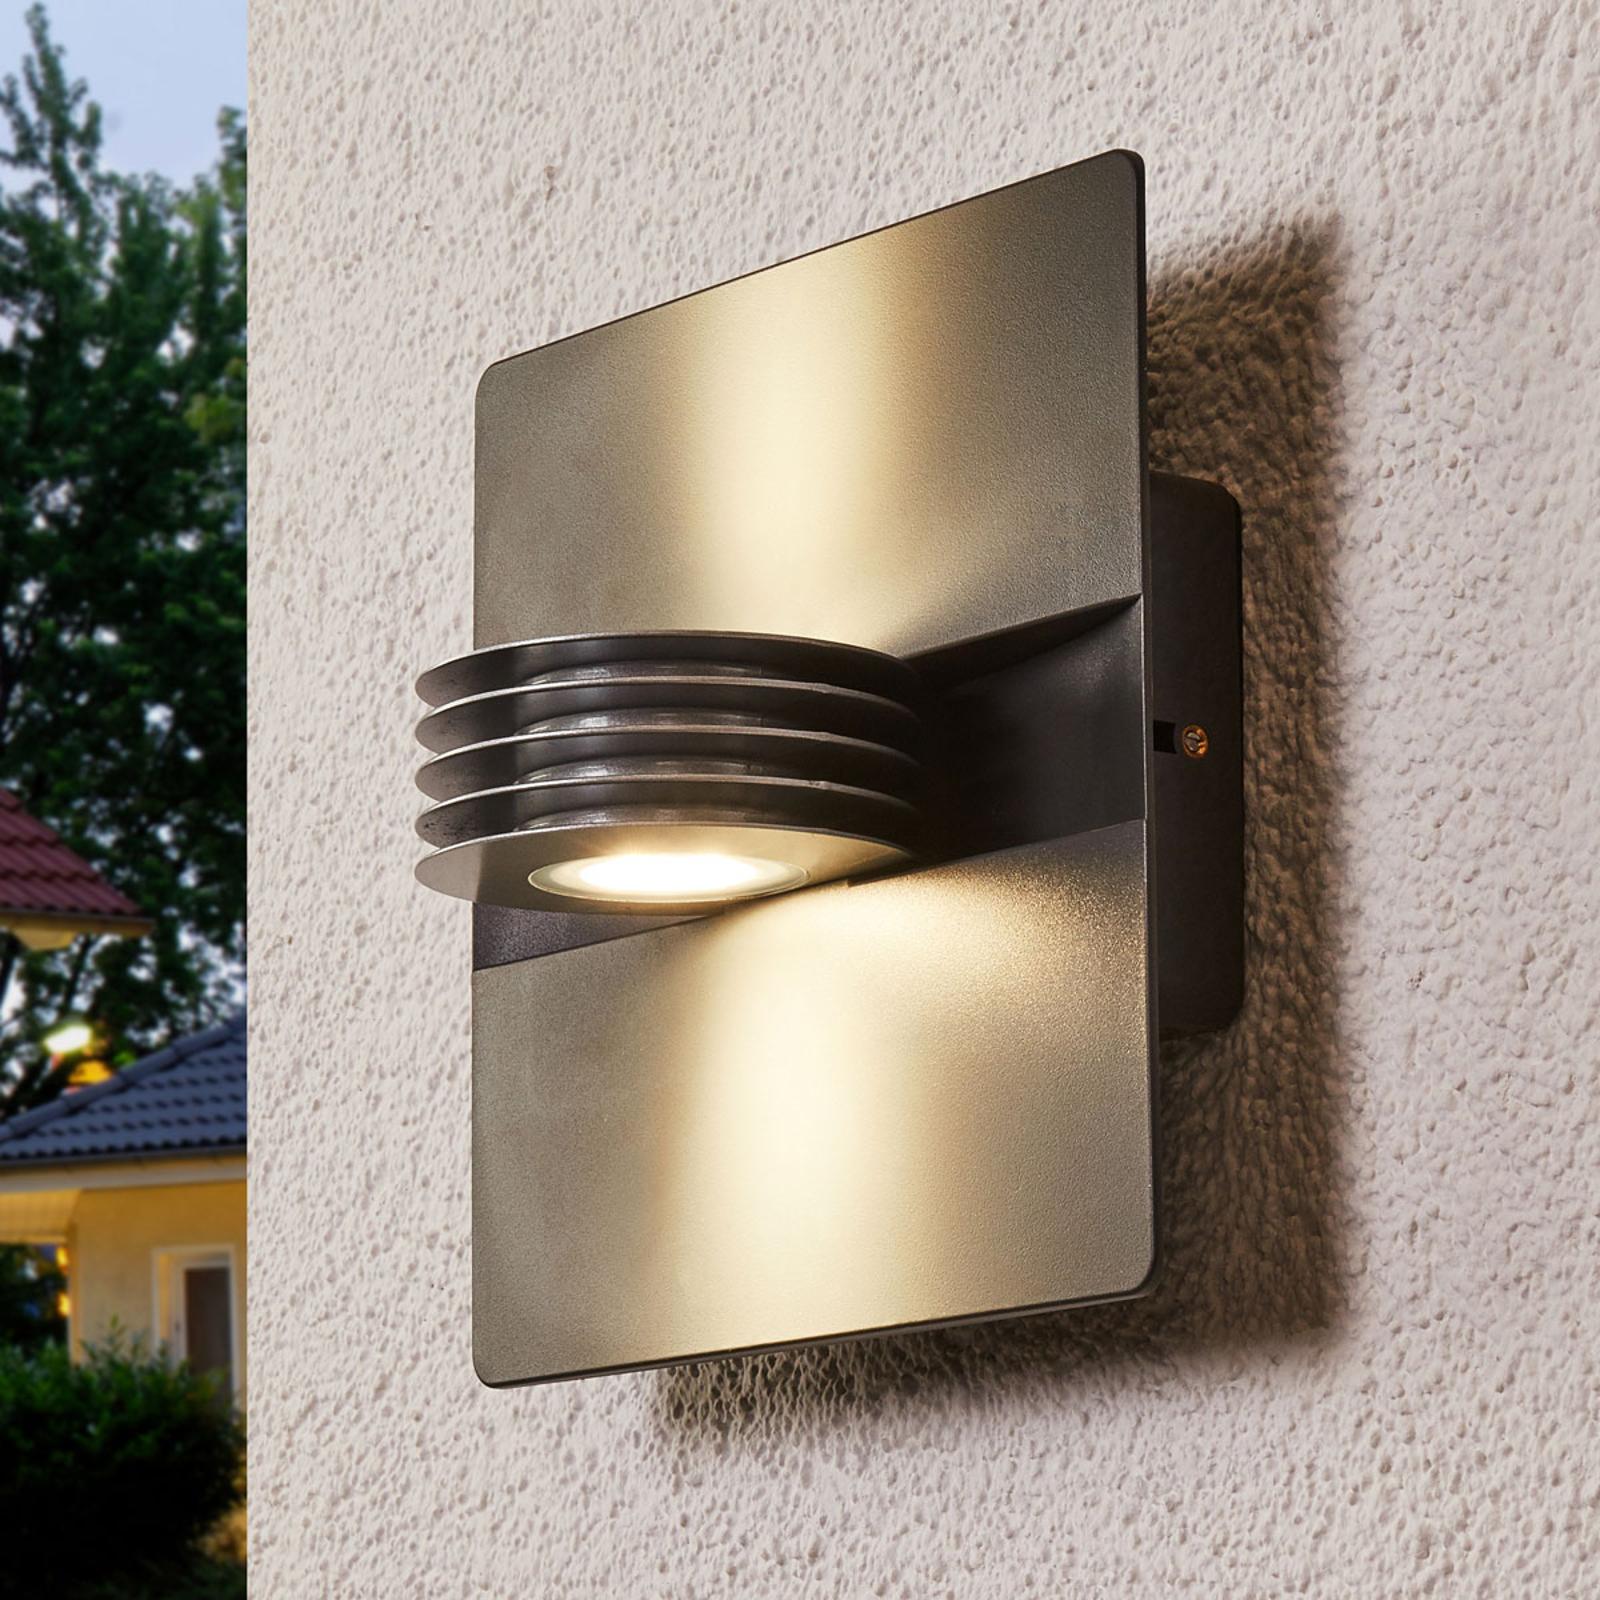 Antracytowy kinkiet zewnętrzny LED Split